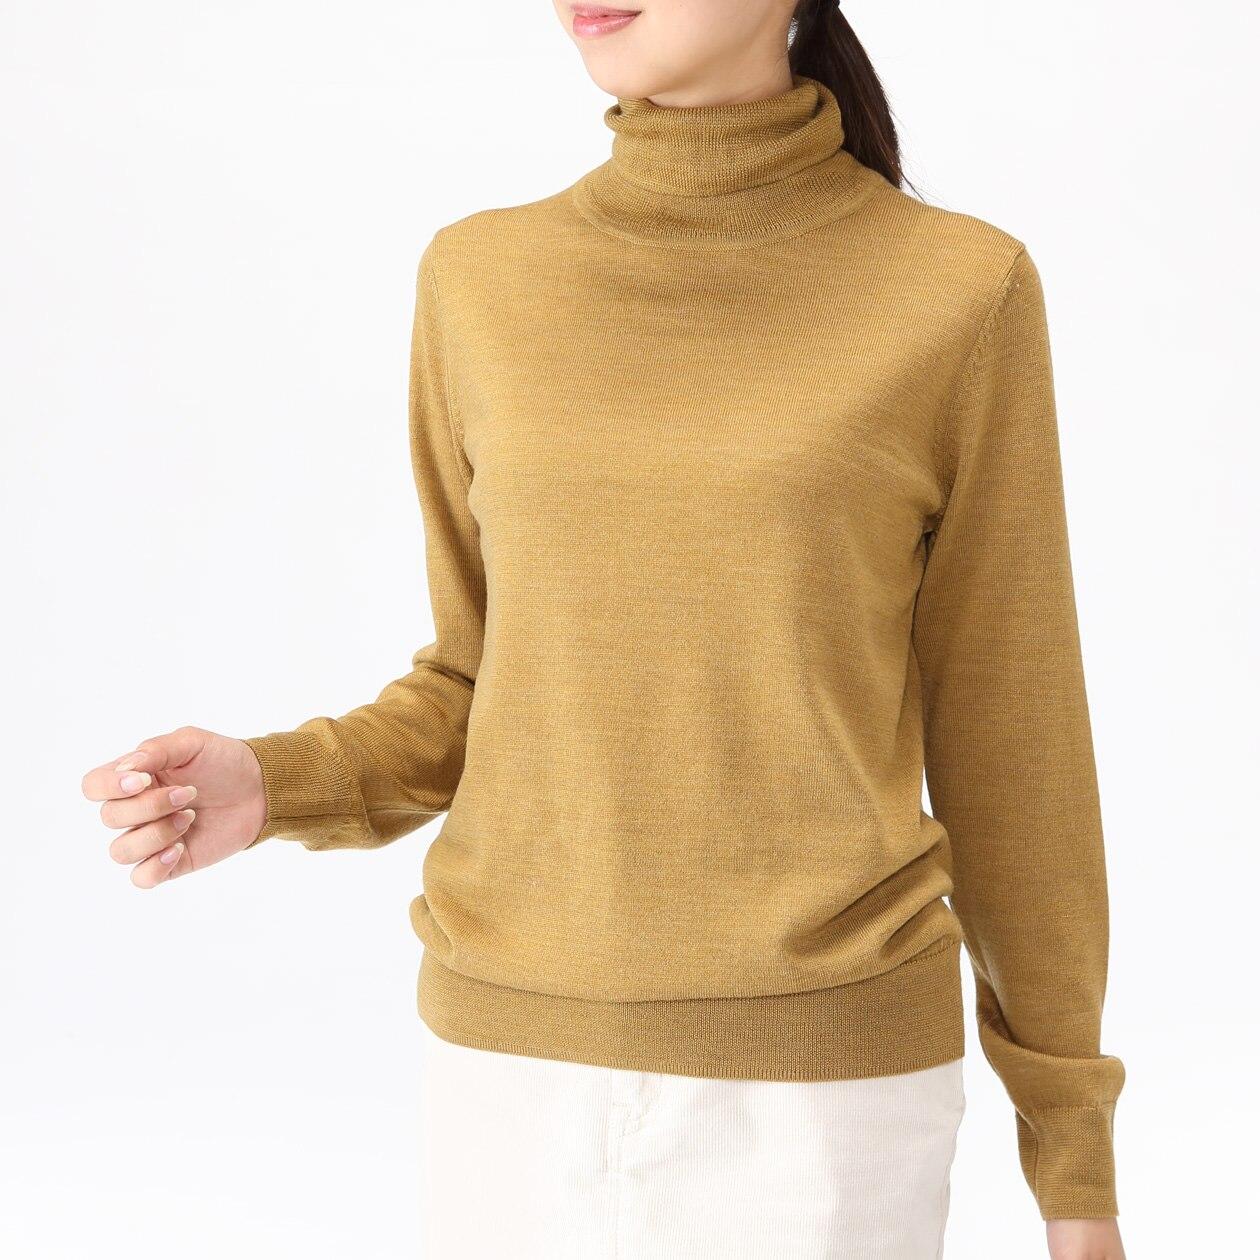 首のチクチクをおさえた 洗える天竺編みタートルネックセーター